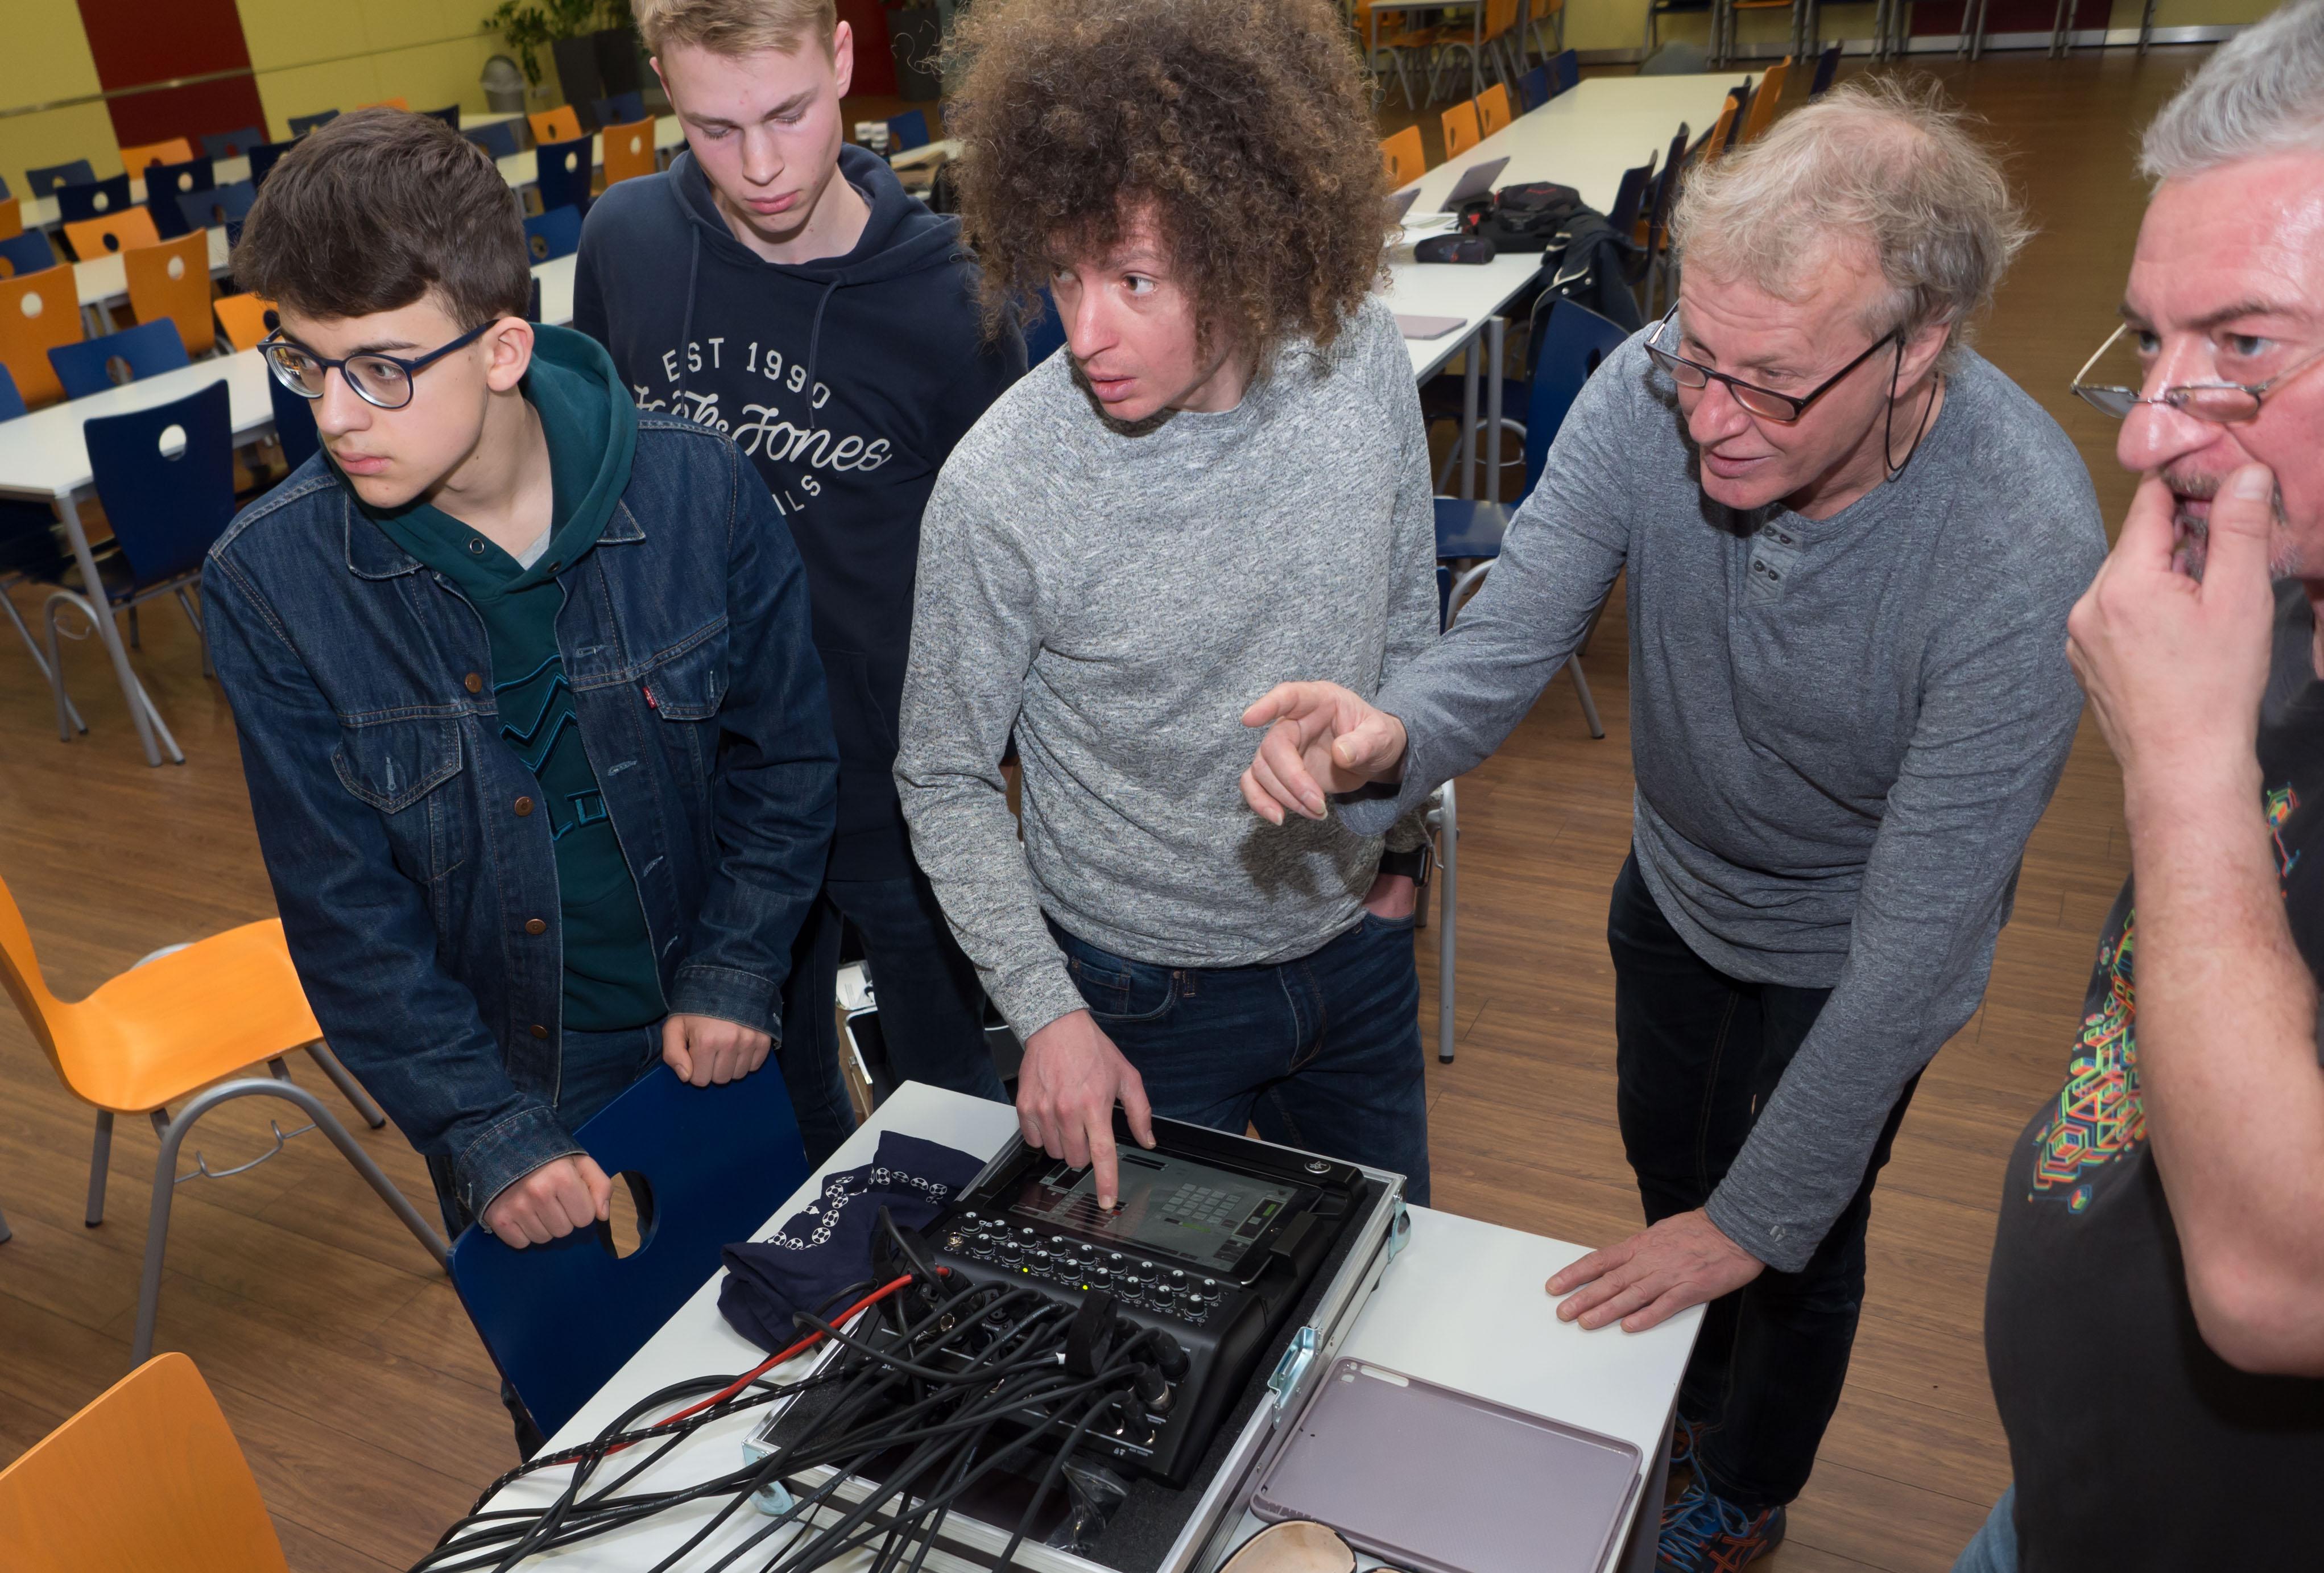 Handgemachte Musik nun digital unterstützt - Veranstaltungstechnik-Workshop am Georgianum